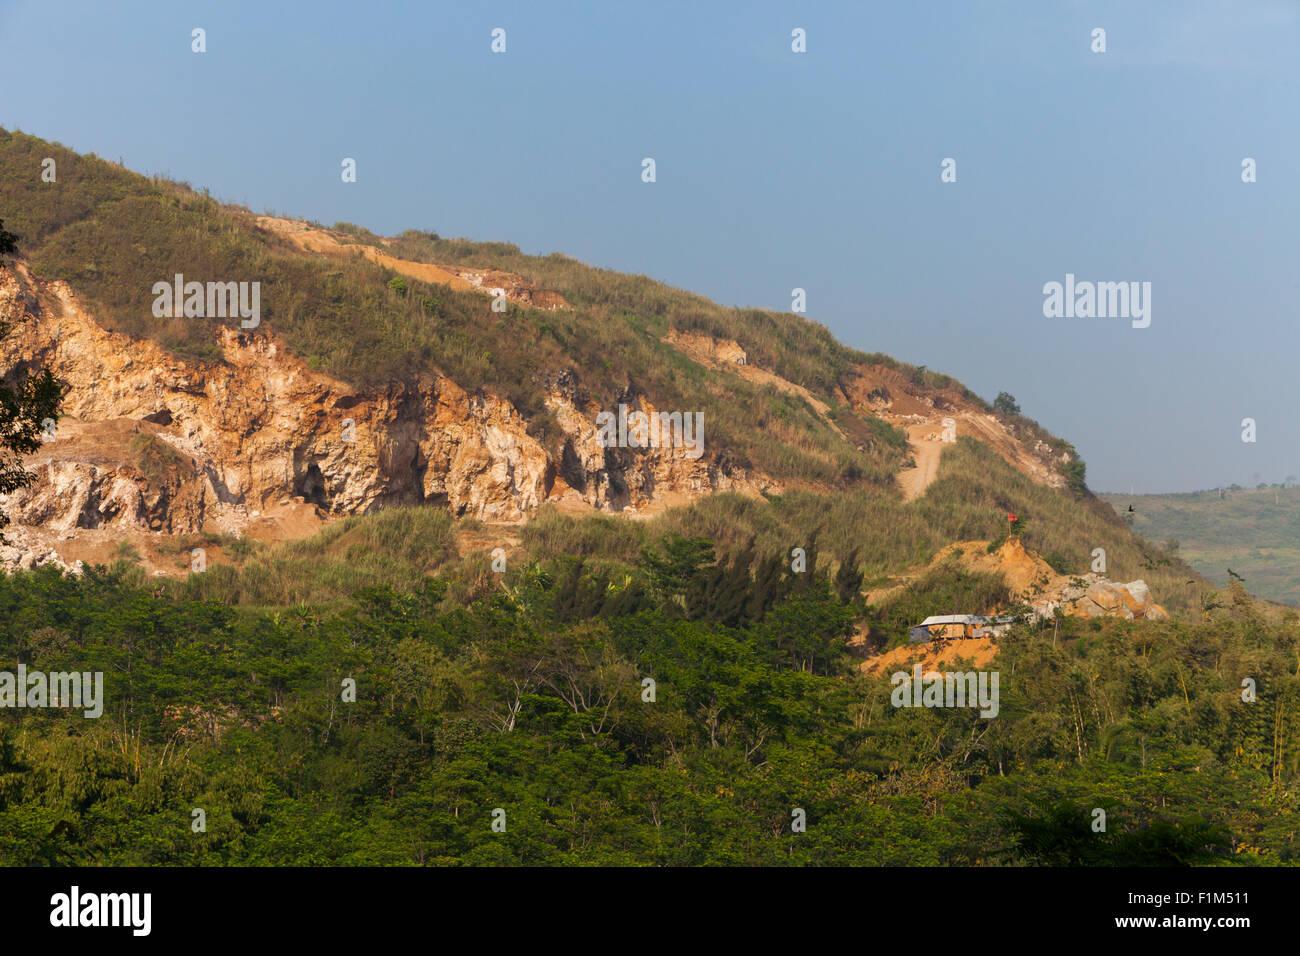 Karst hill in Bandung Basin. Stock Photo